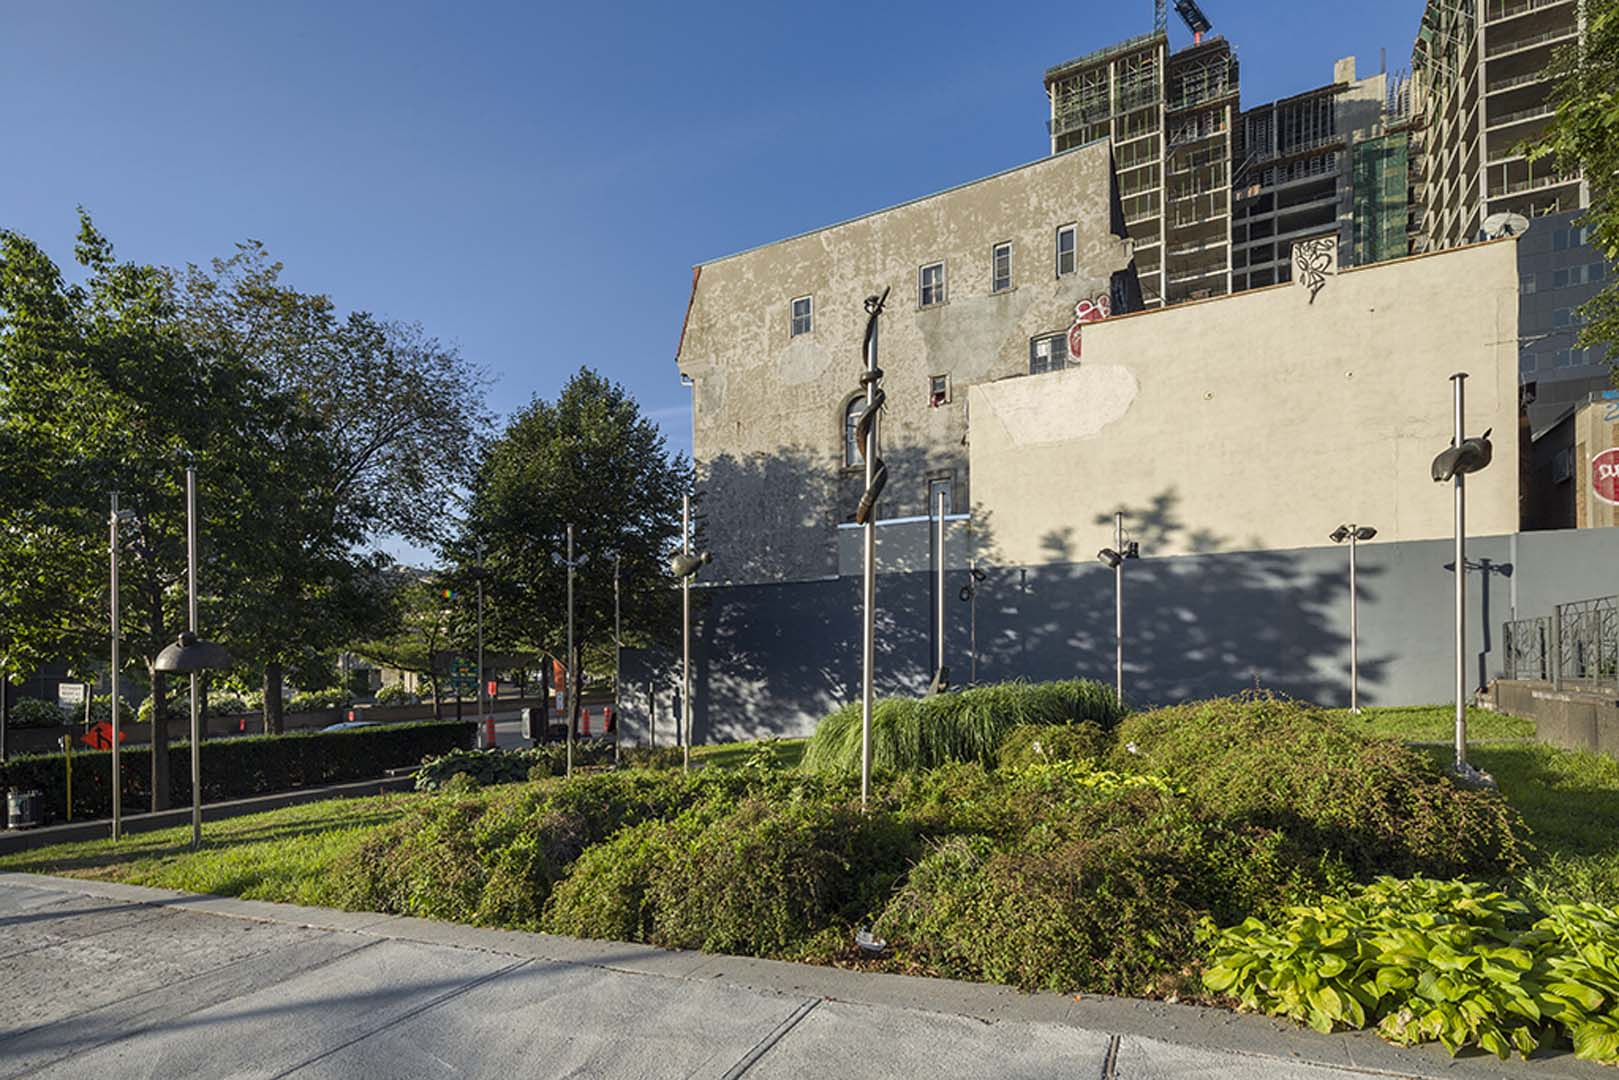 Bureau d 39 art public ville de montr al le jardin de lyon for Le jardin 69008 lyon